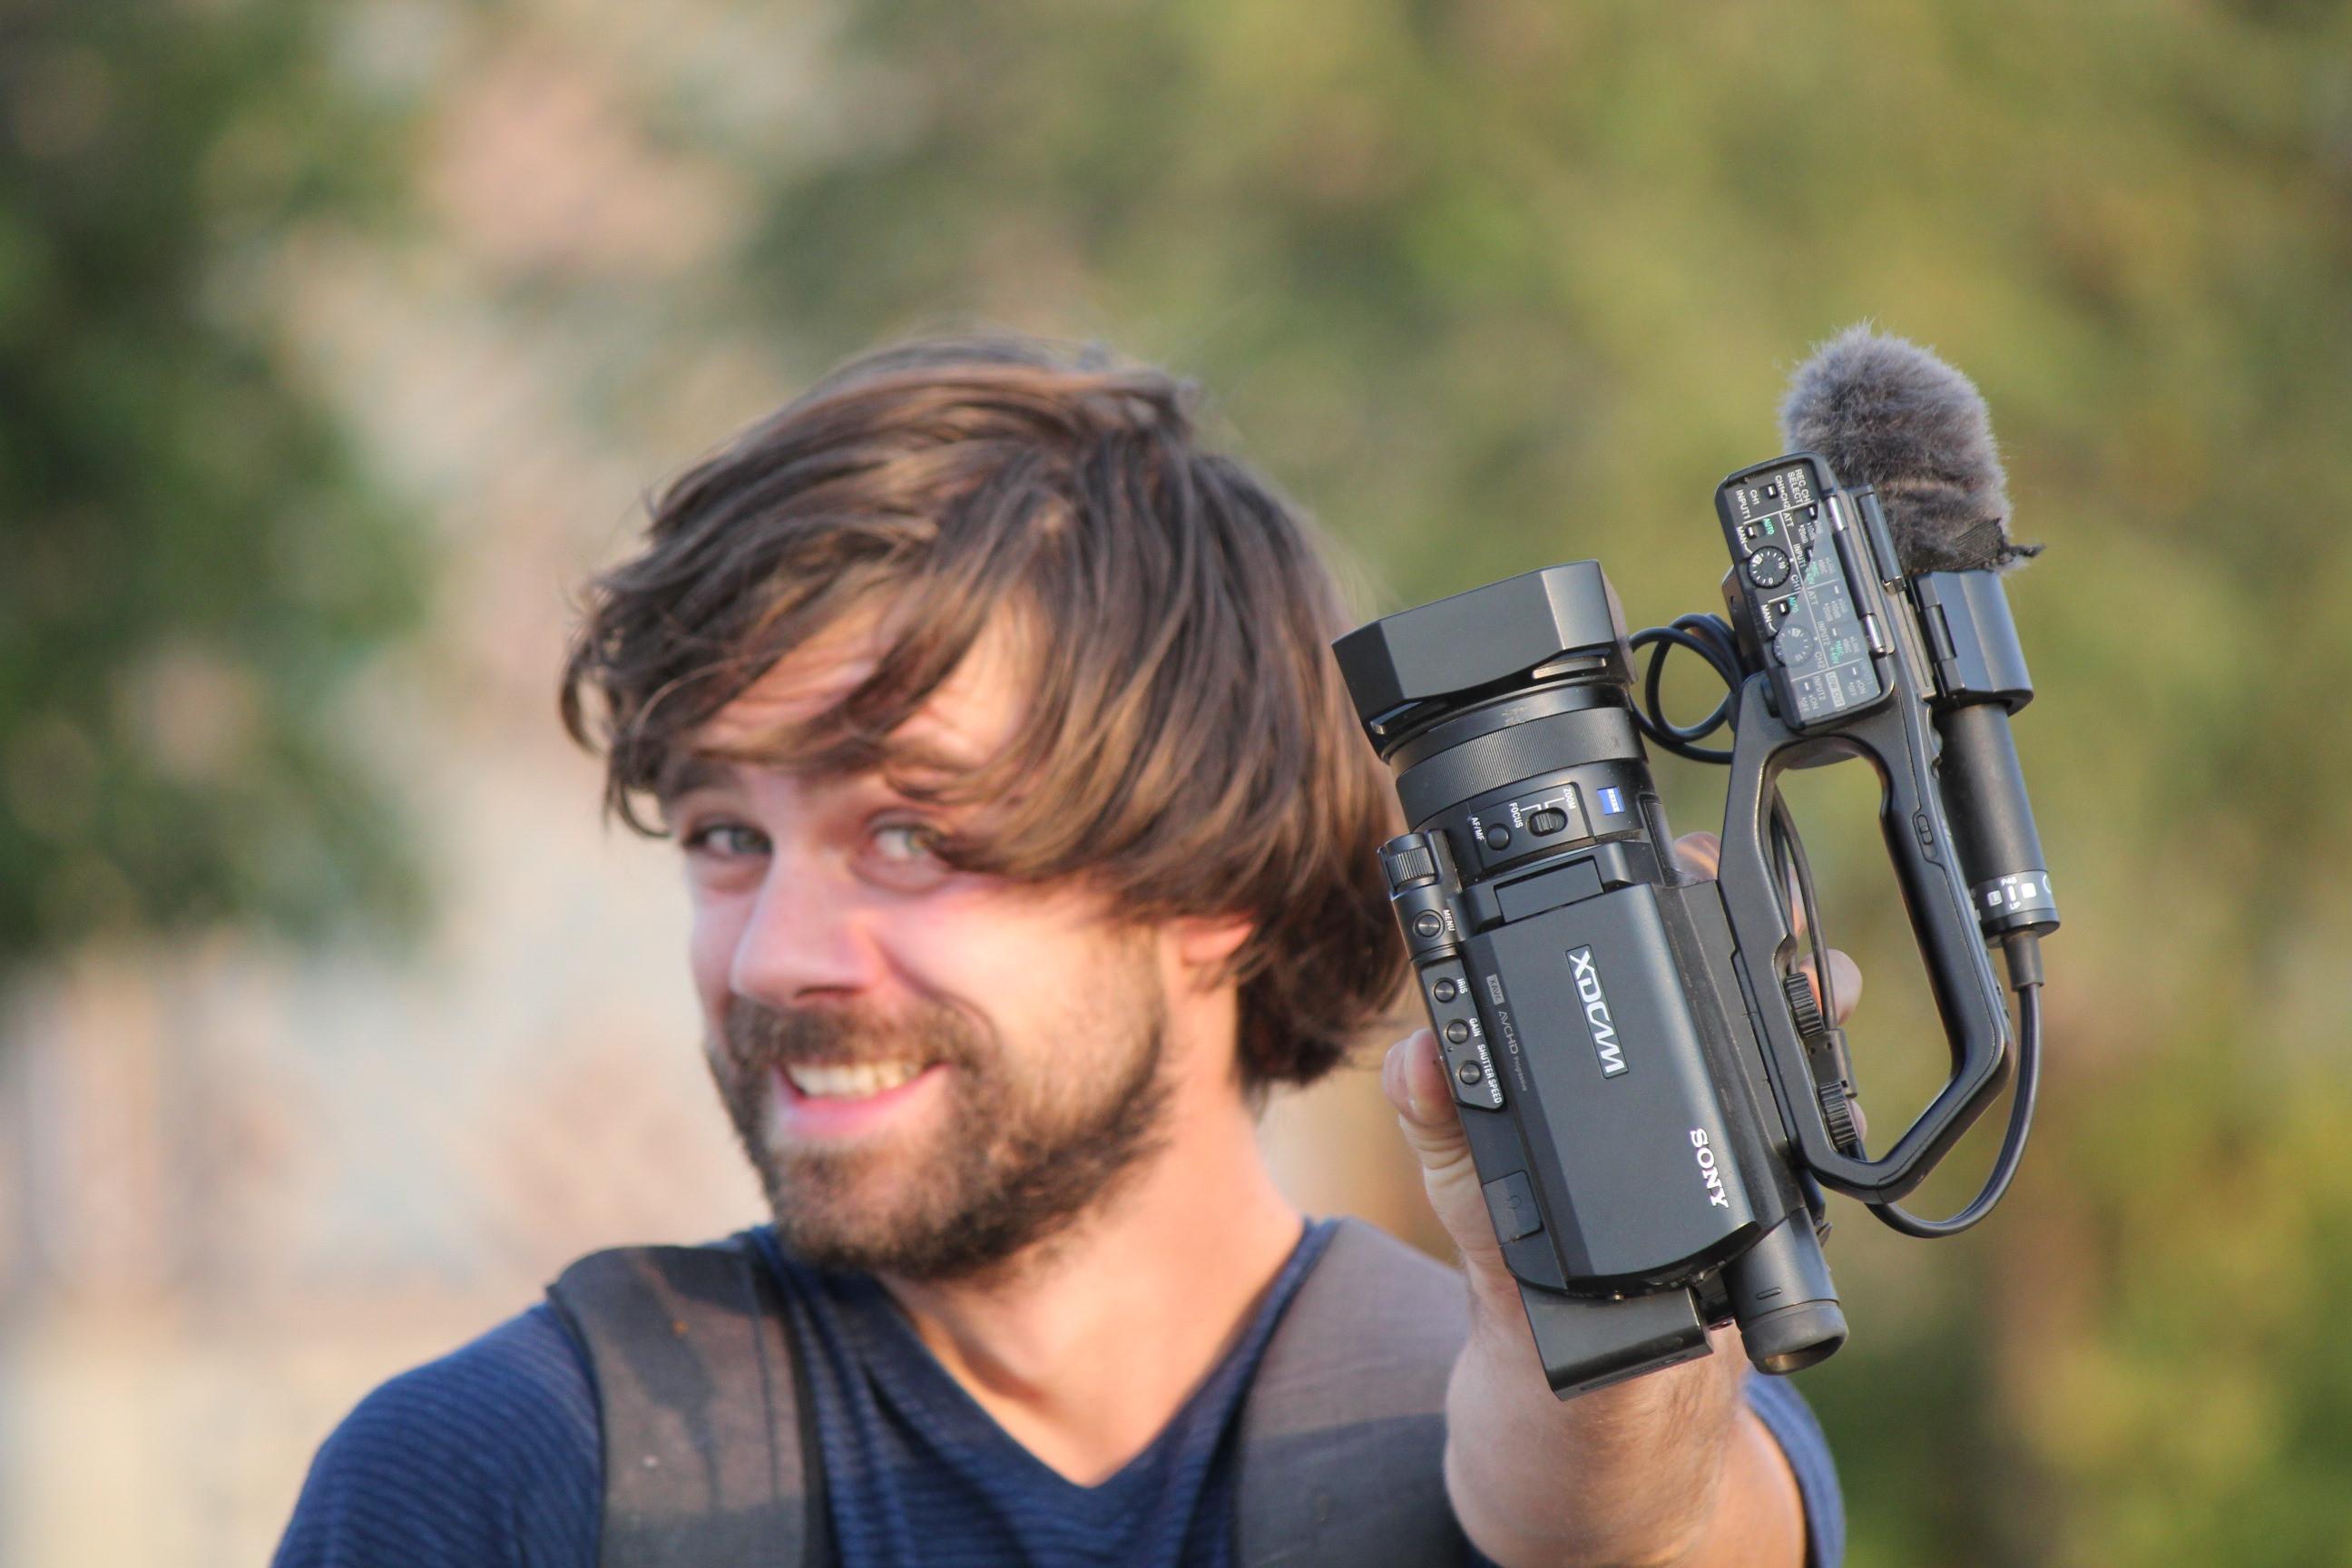 Martin Zech filmt nicht nur Reisen, sondern auch Dinge aus seinem Alltag.